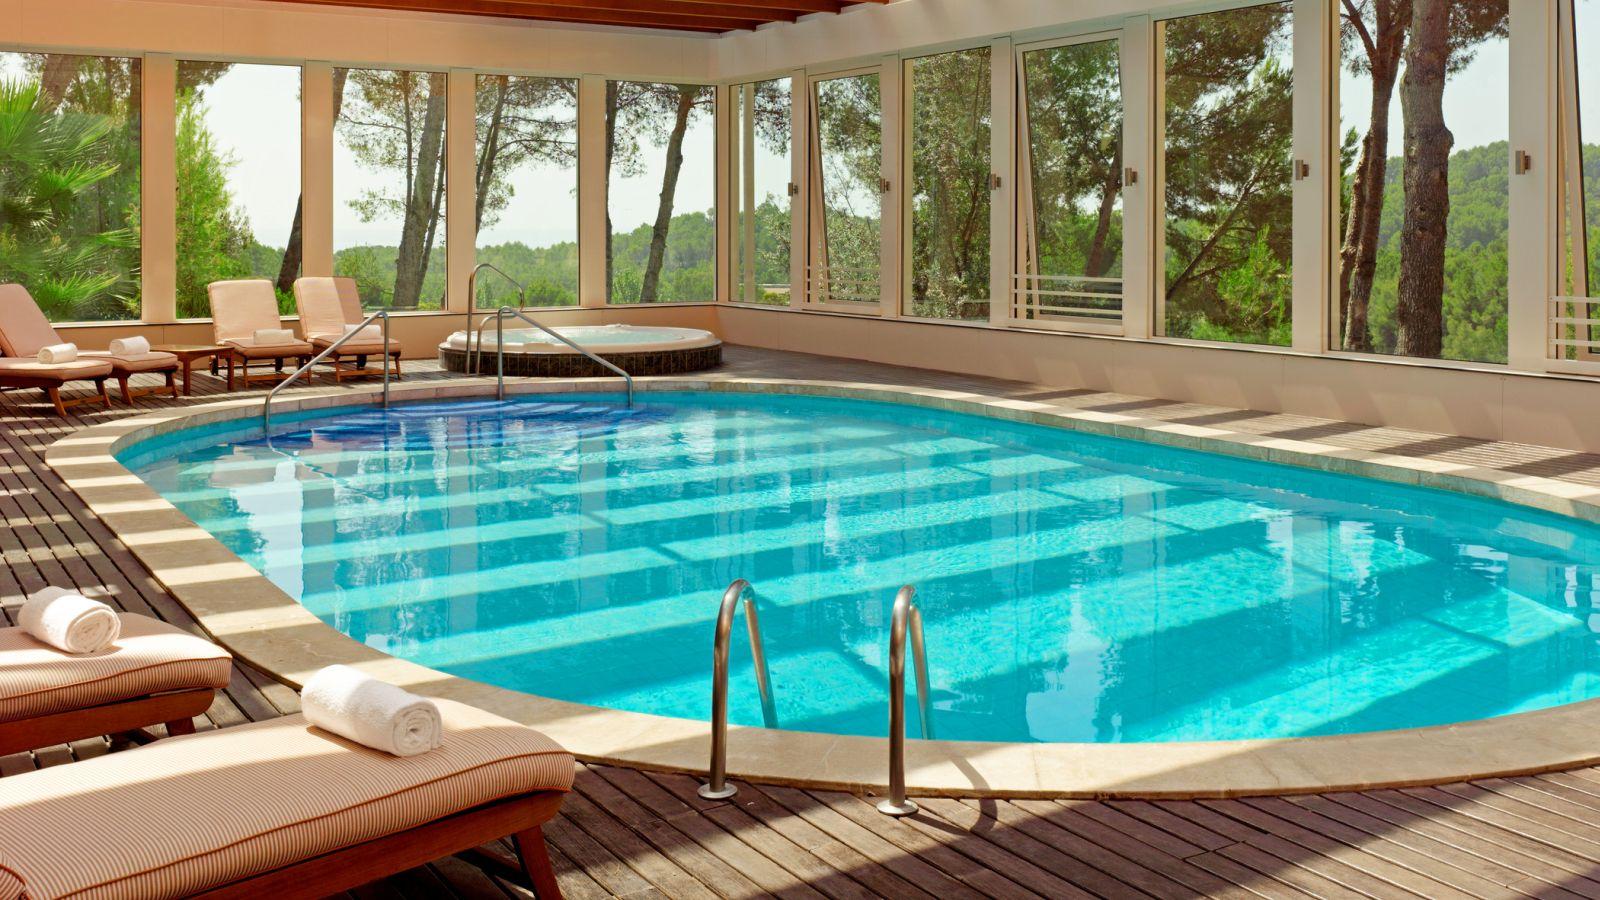 Castillo hotel son vida health club for Palma de mallorca hotels with swimming pool